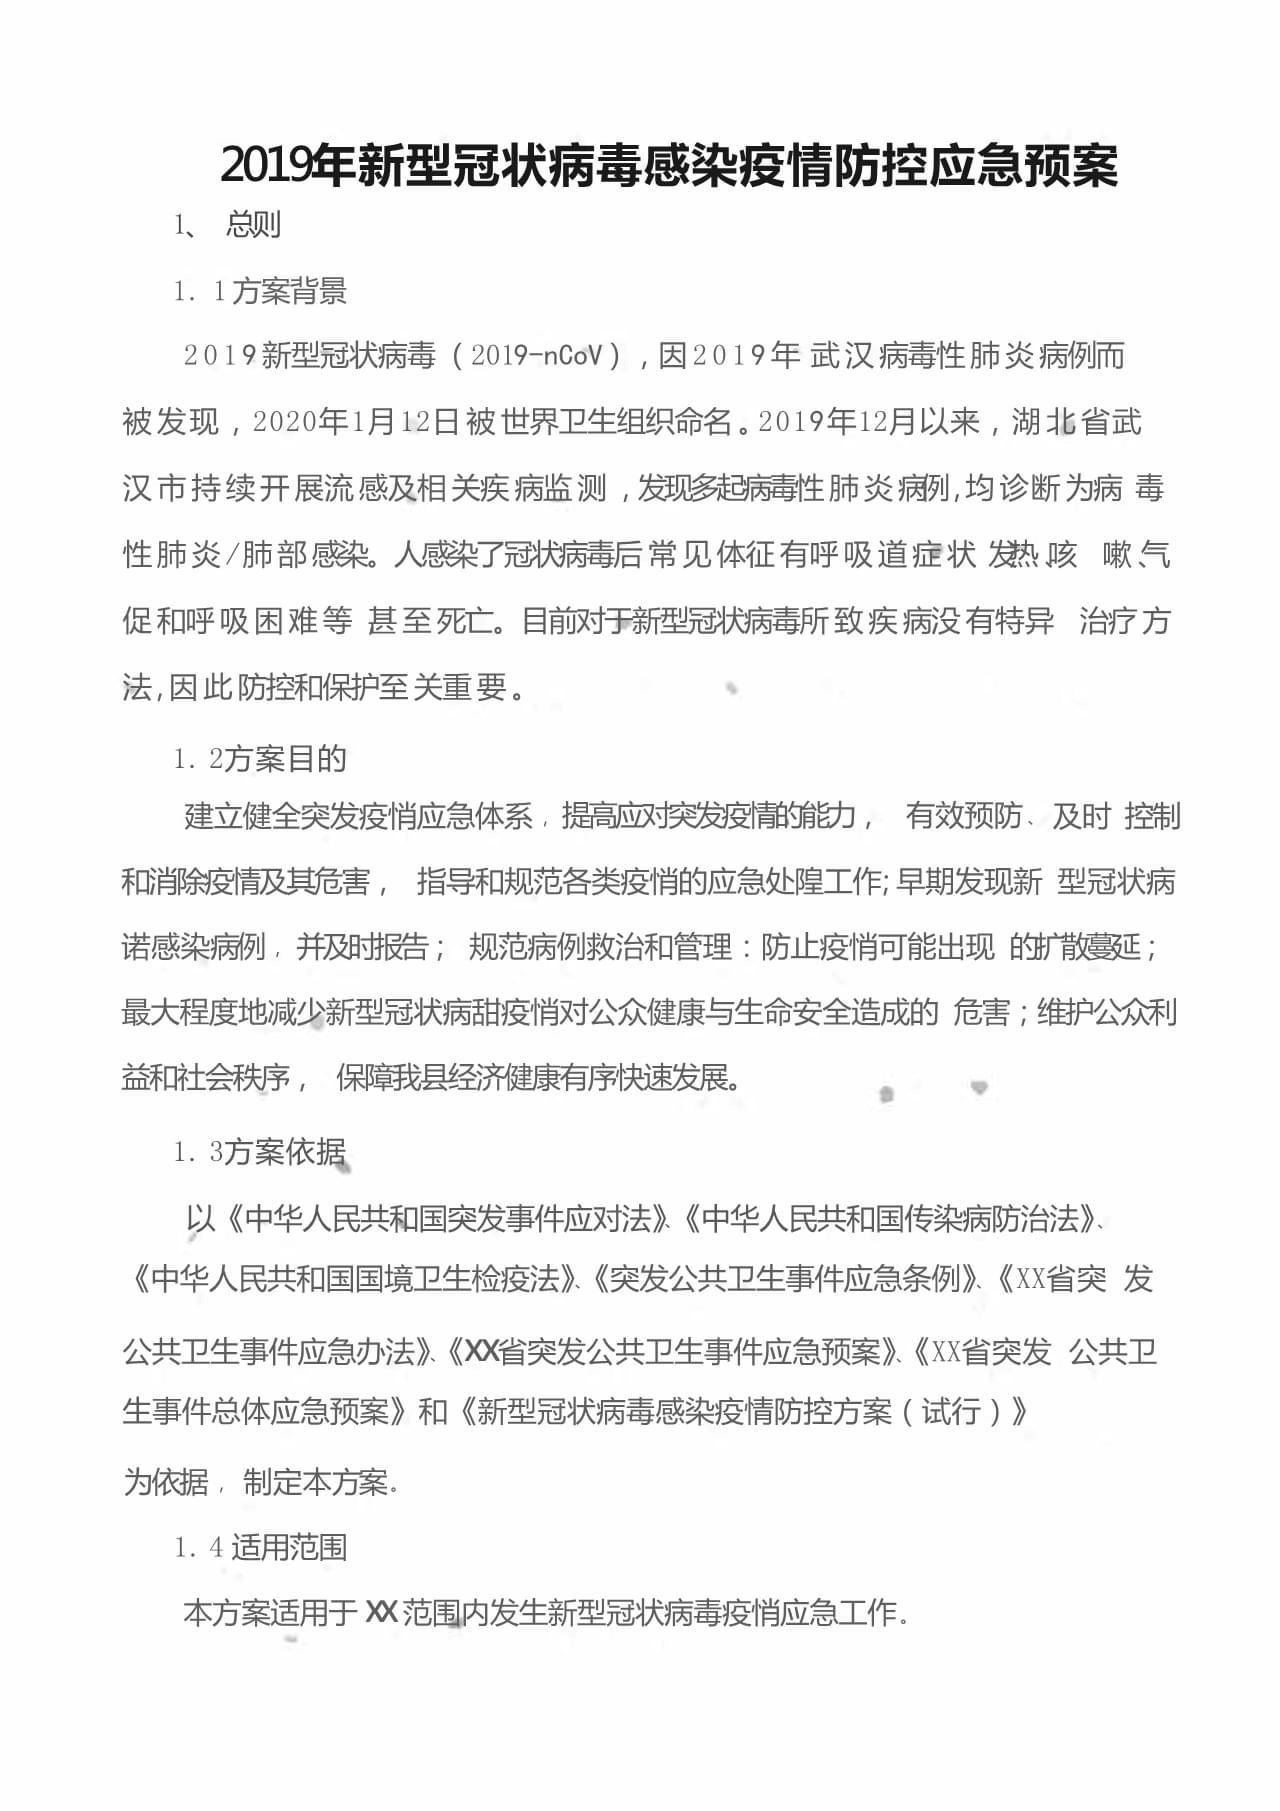 企业新型冠状病毒防控应急预案.pptx